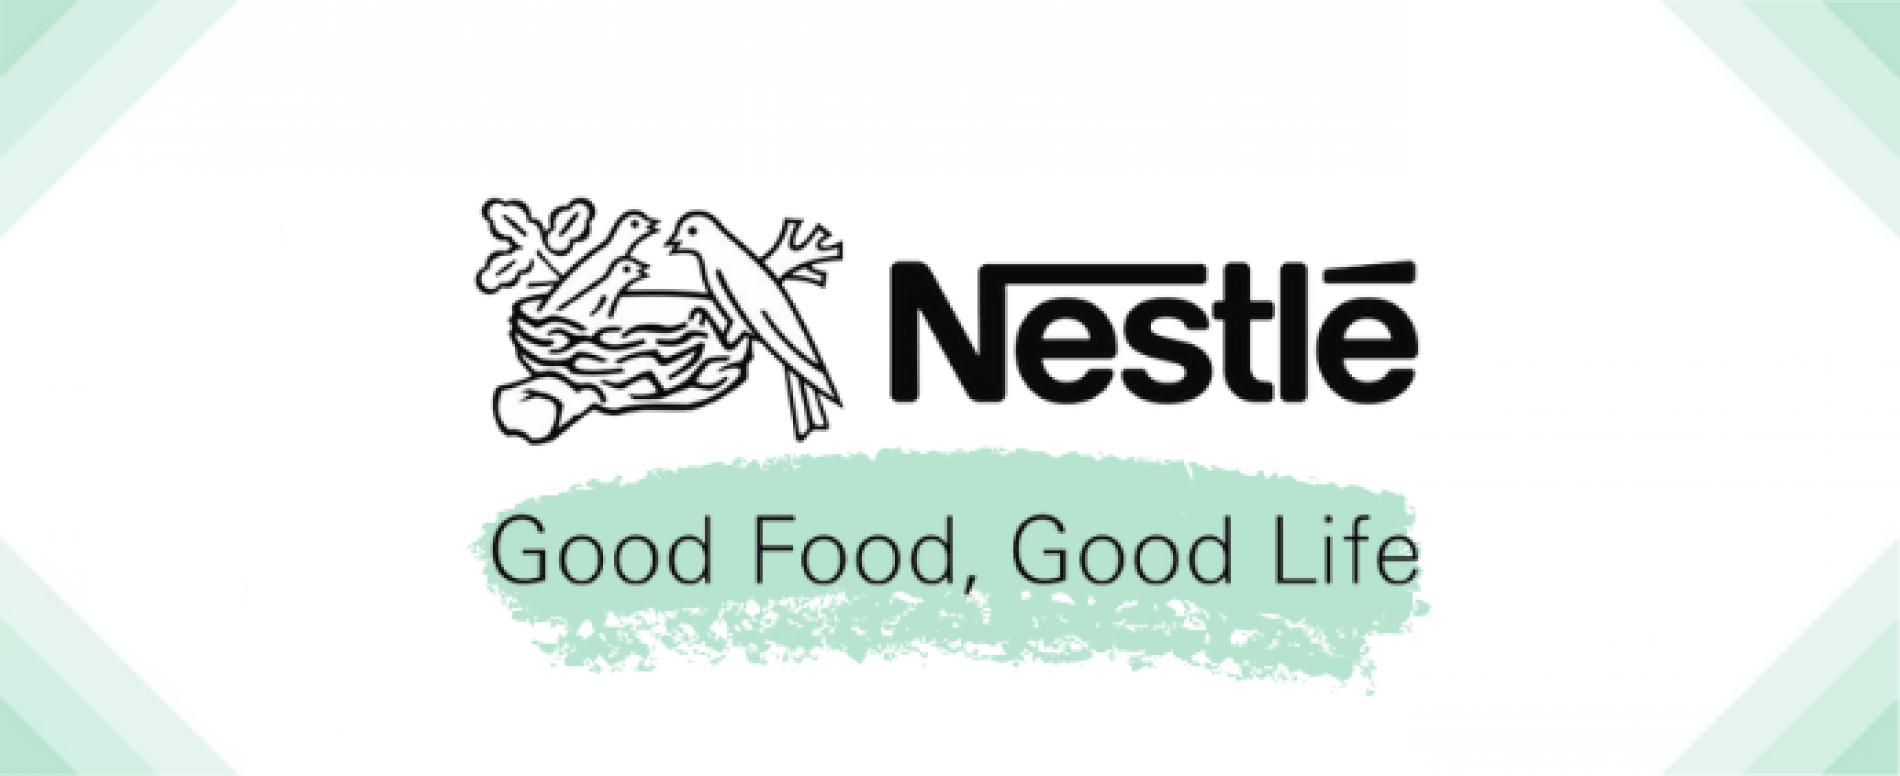 Nestlé. Primo semestre 2019: cala l'utile, aumenta il fatturato